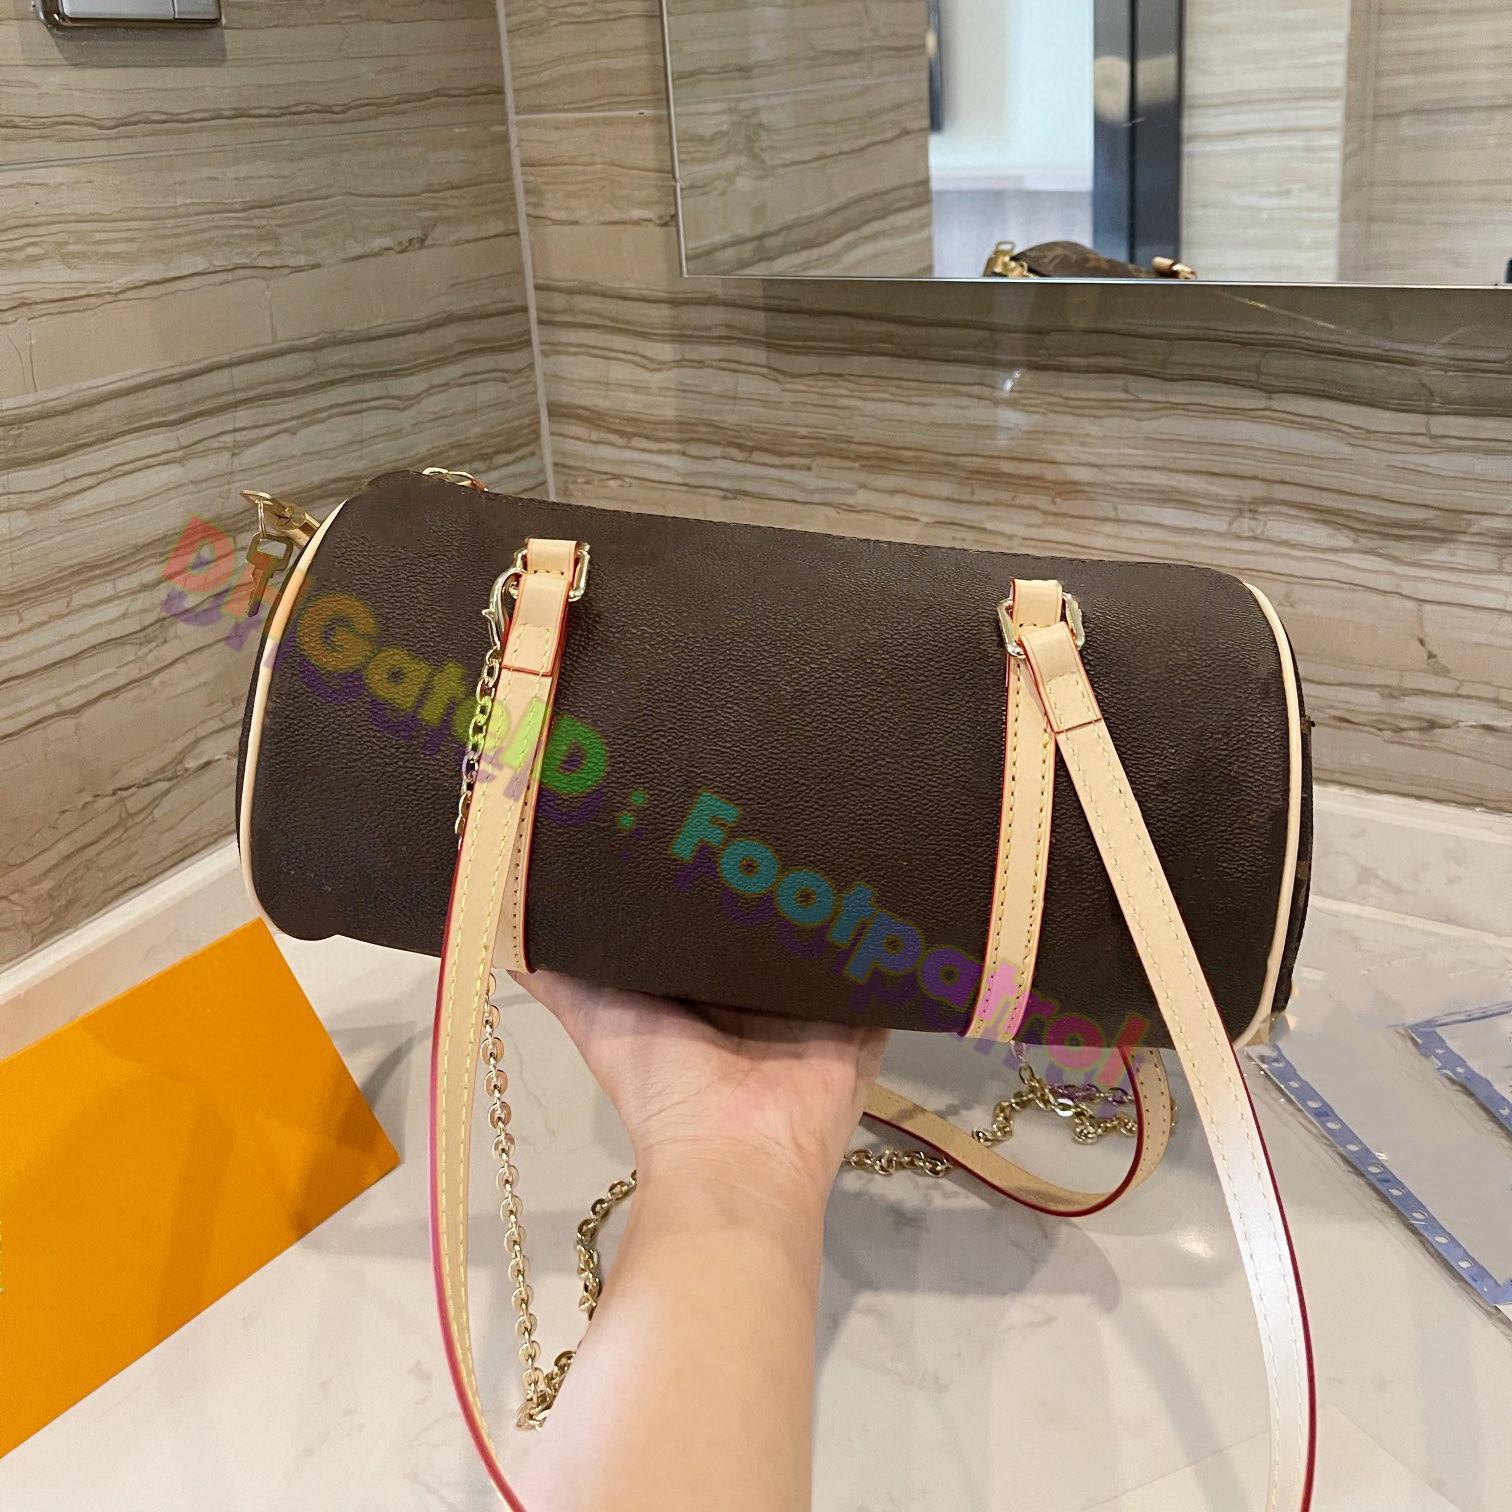 المرأة الكلاسيكية برميل حقيبة خمر حقائب الكتف الأزياء المصممين أكياس 2021 أزياء السفر عبر الجسم حقيبة يد السيدات أعلى جودة حقيقية جلد محفظة محفظة